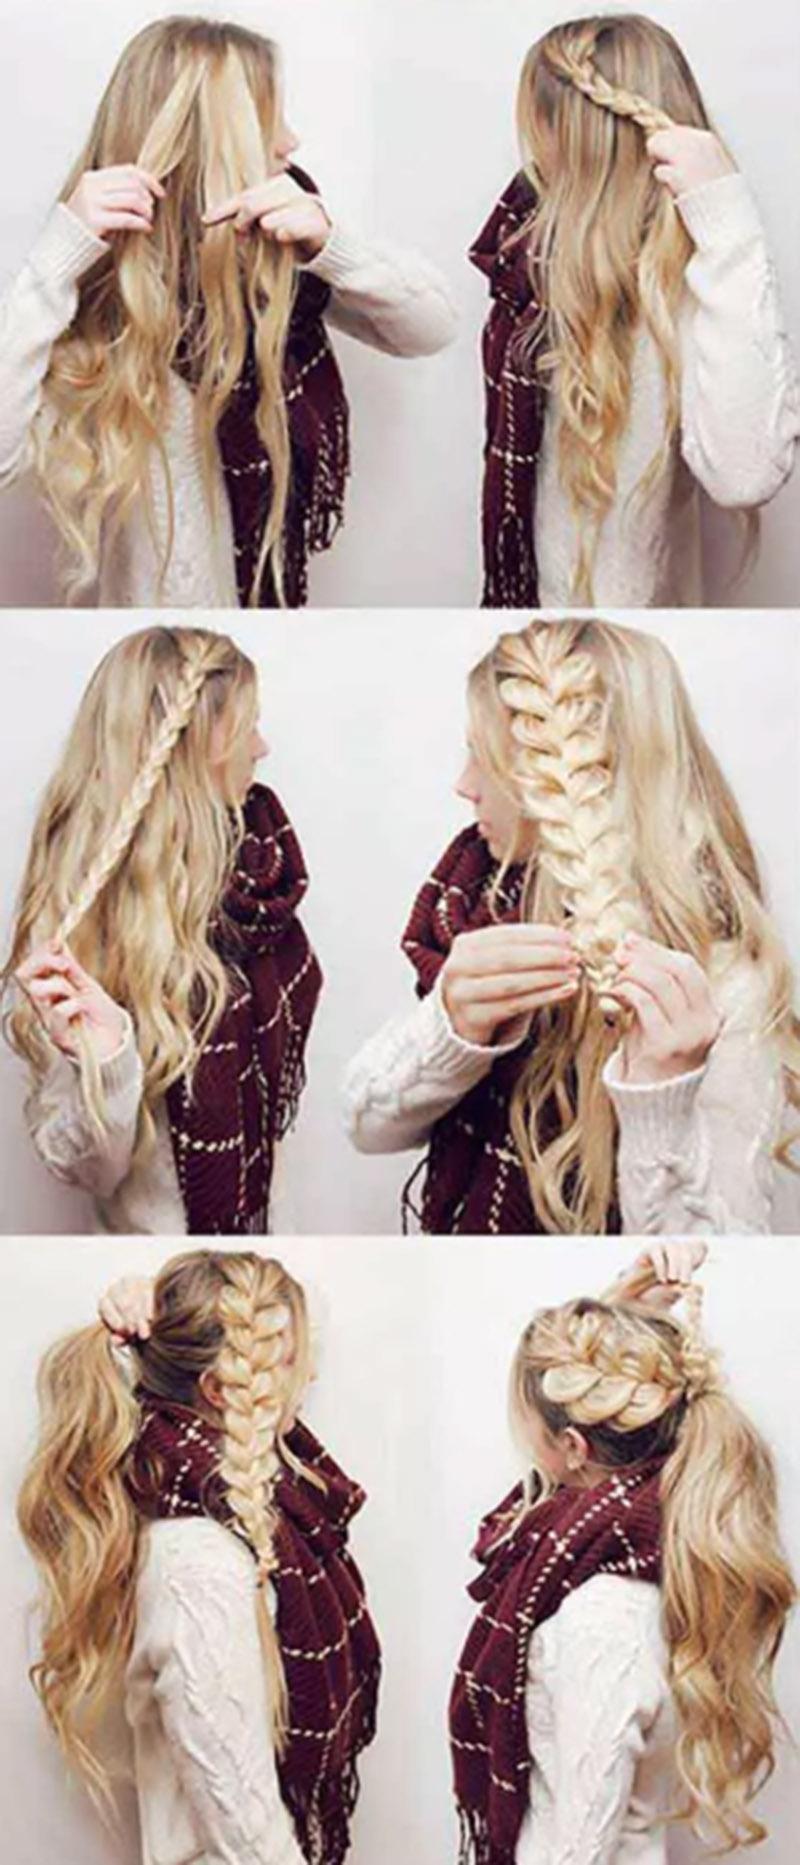 Bện tóc xéo đuôi ngựa